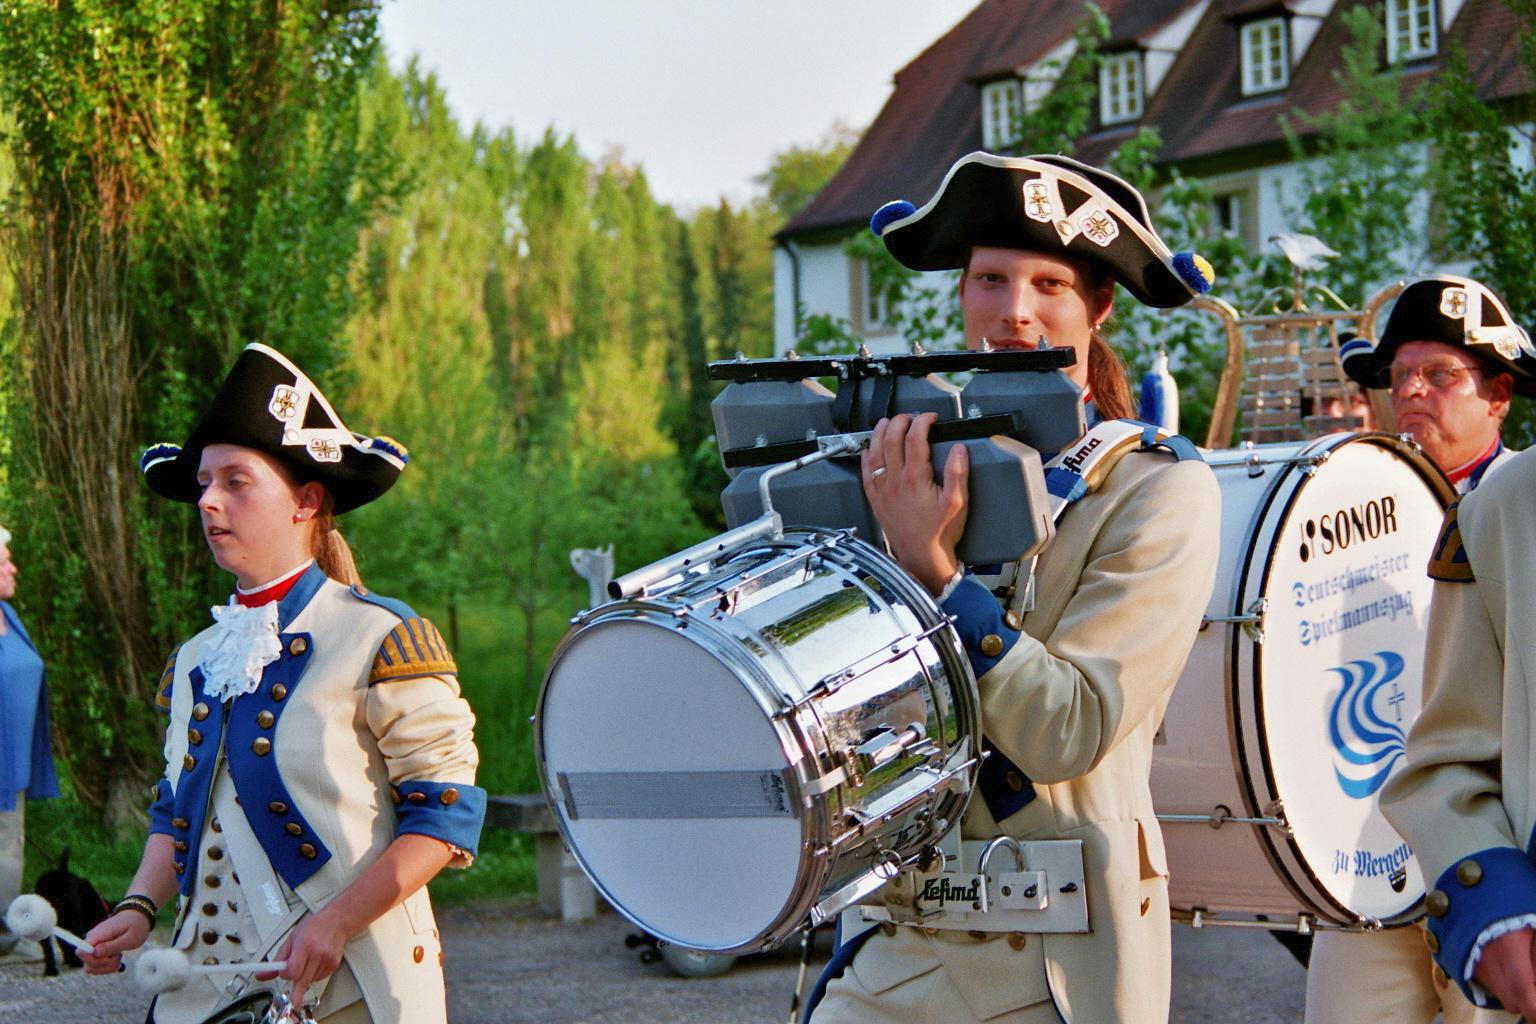 Historischer Umzug am St.-Georgstag in Bad Mergentheim 2007